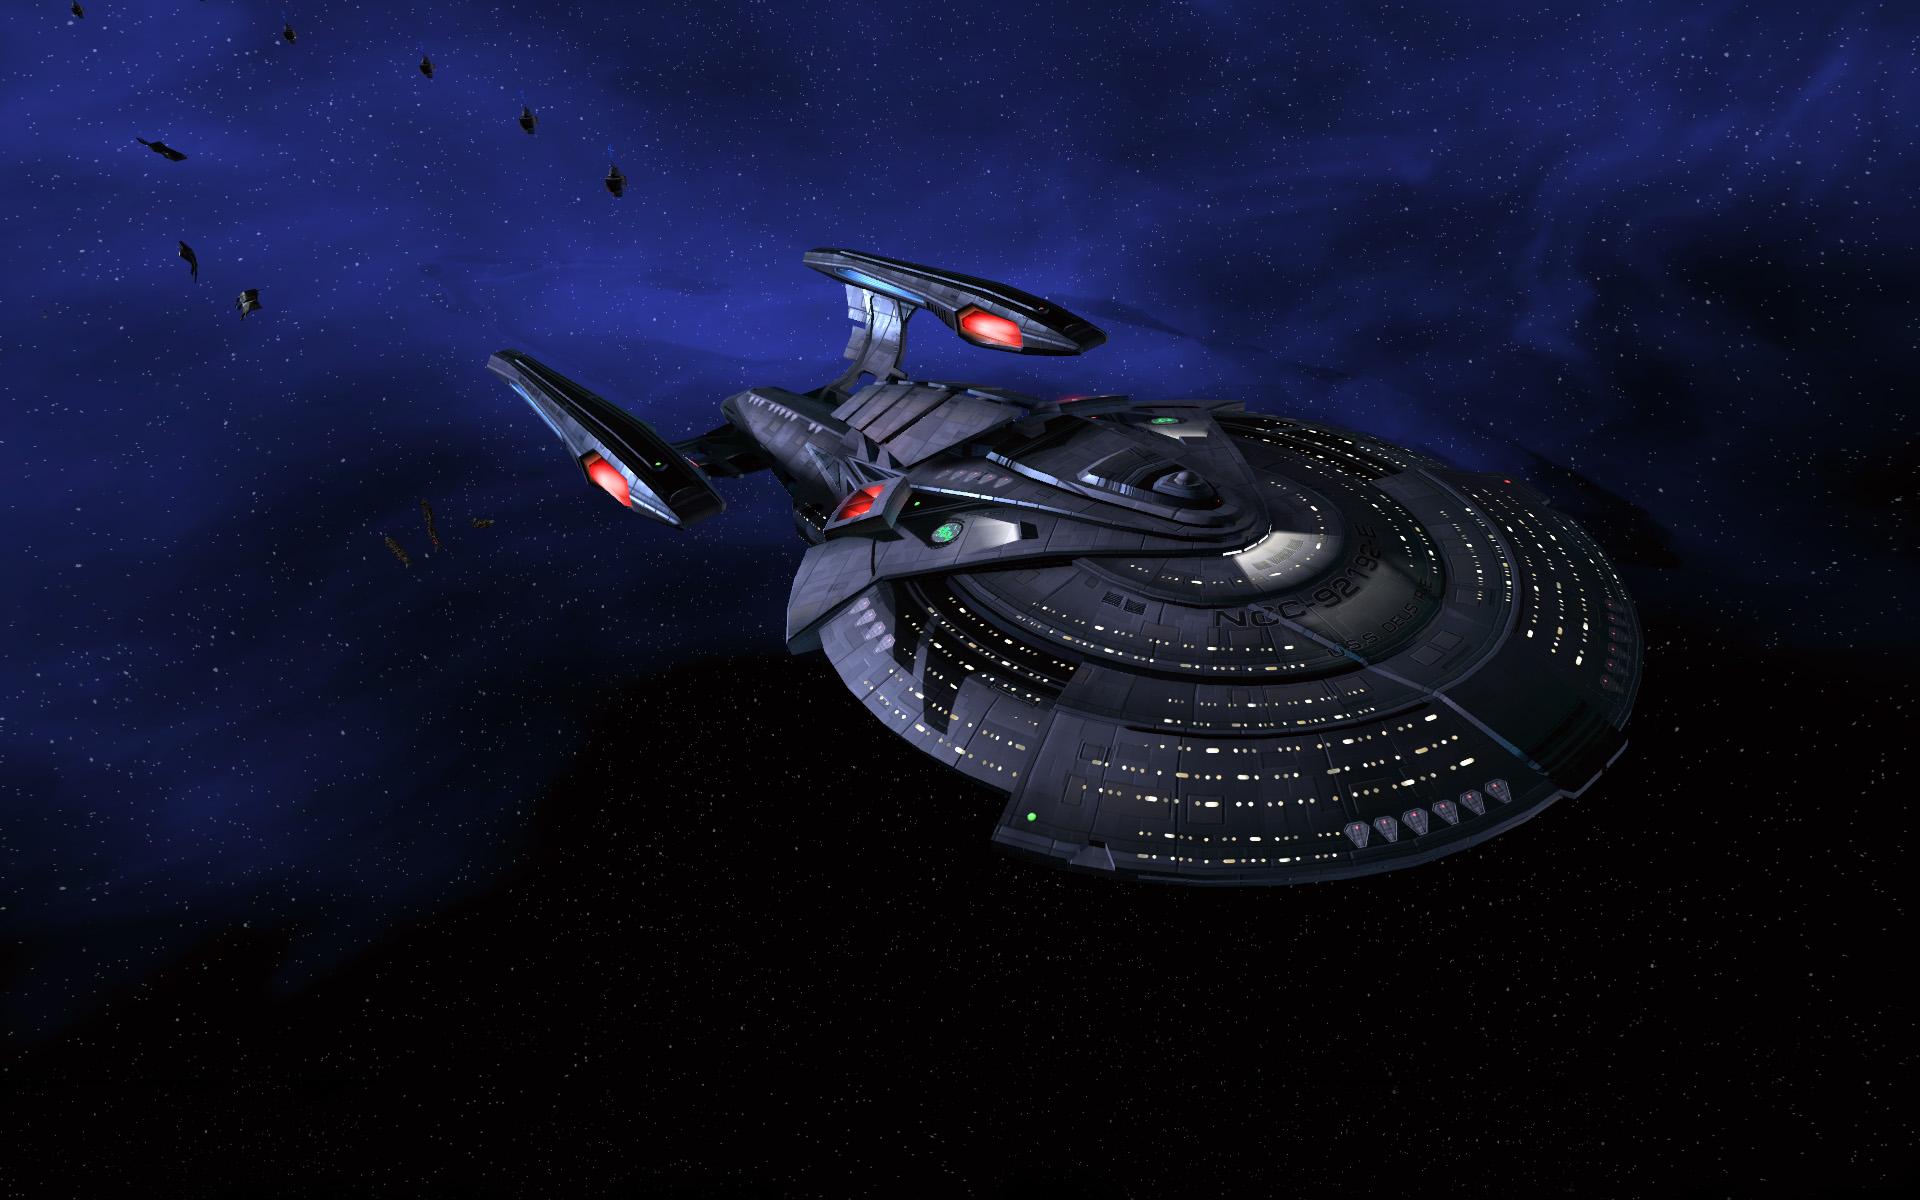 Star Trek Screensavers For Windows 10: Enterprise Wallpaper